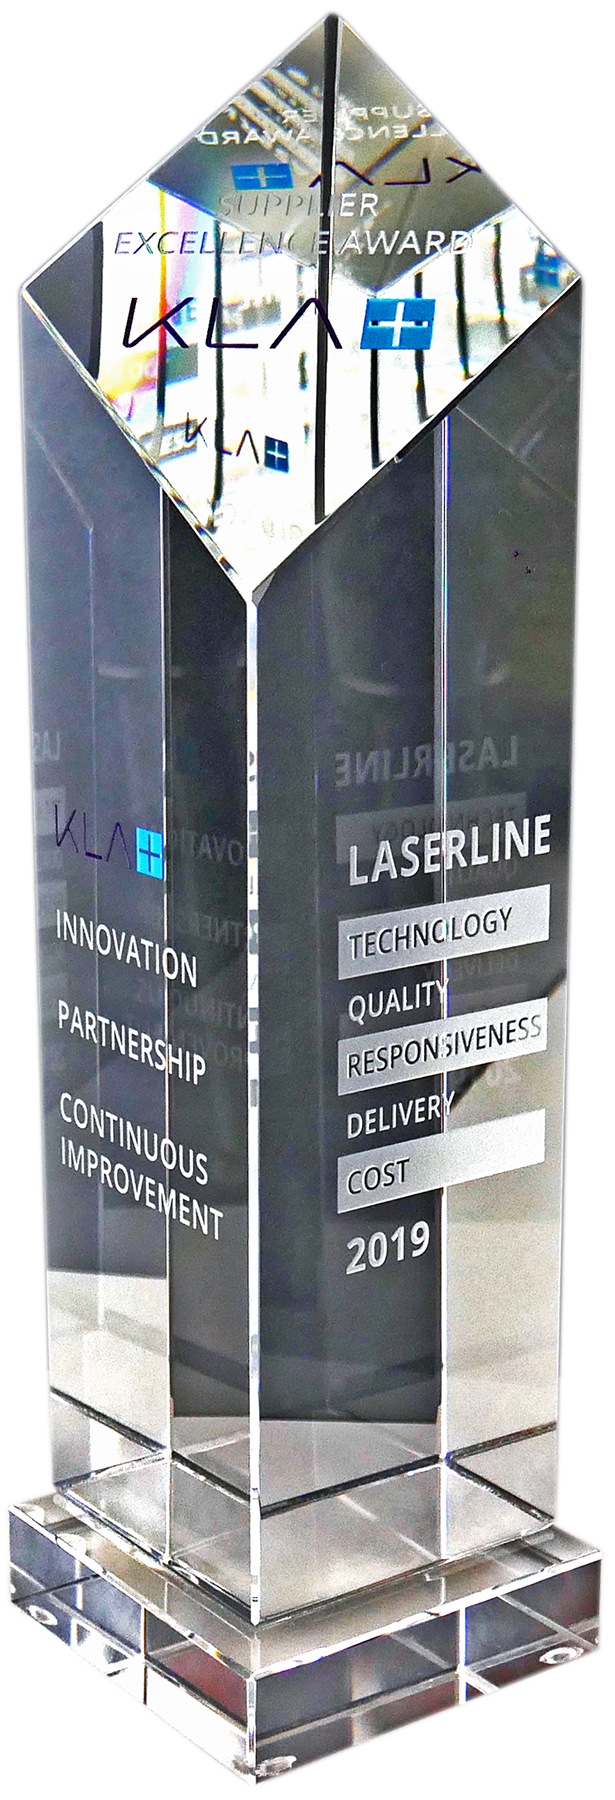 KLA Supplier Excellence Award 2019